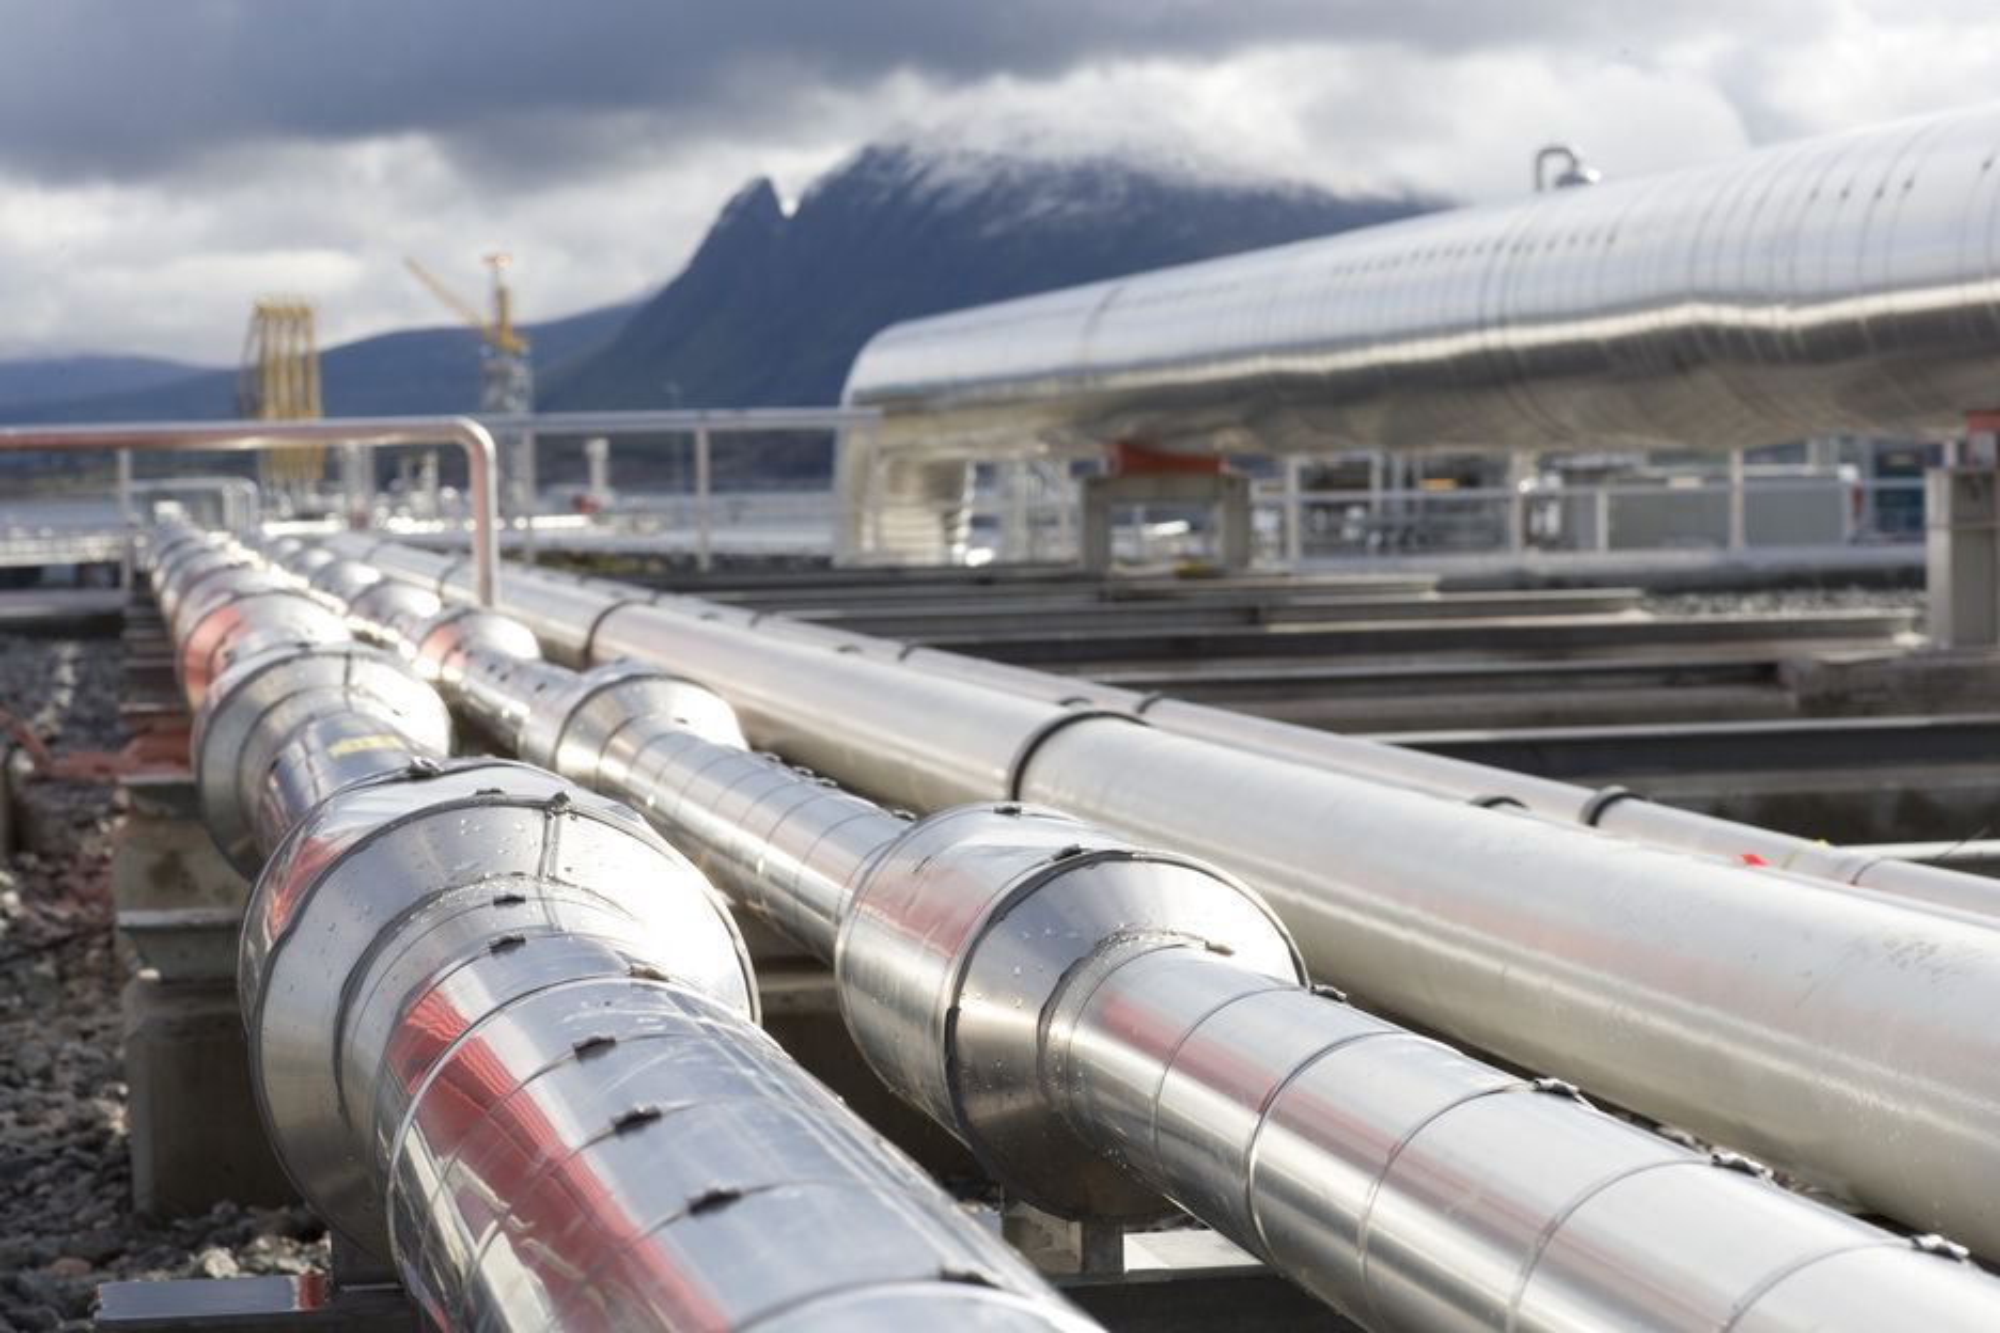 2010-REKORD. Det ble eksportert 700.000 standard kubikkmeter (Sm3) mer gass enn i 2009.